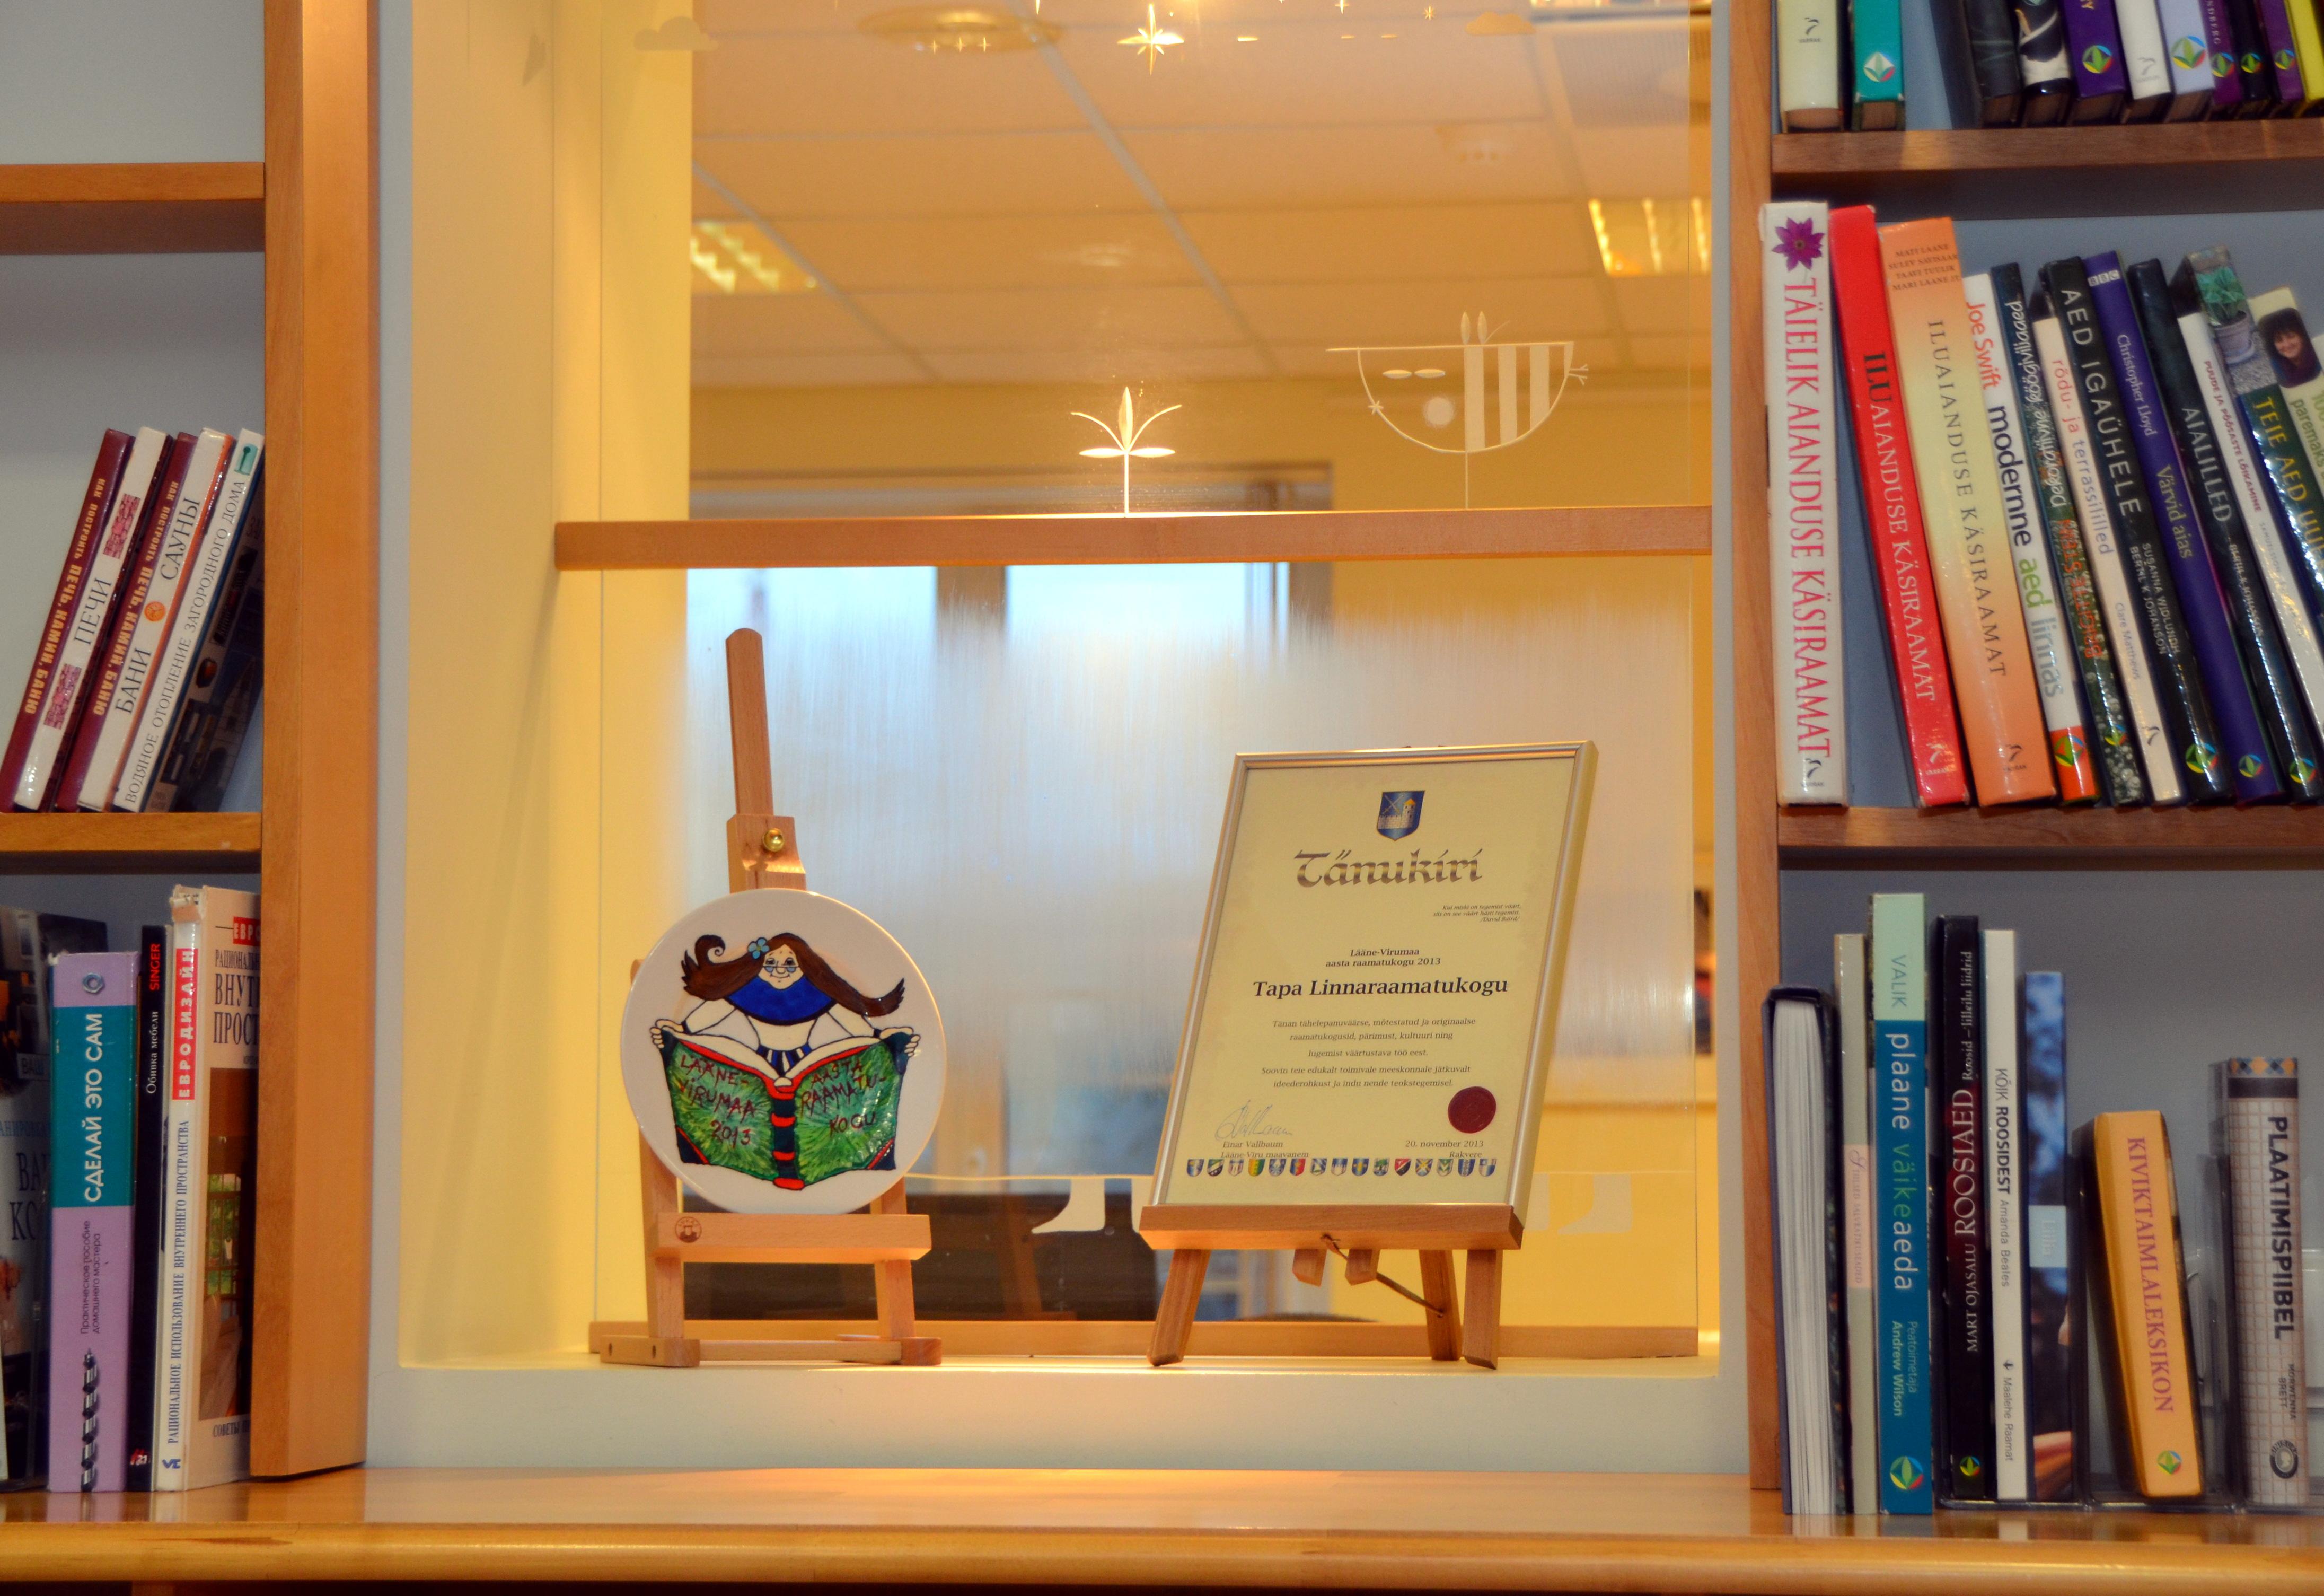 Maakonna aasta raamatukogu 2013 on Tapa Linnaraamatukogu